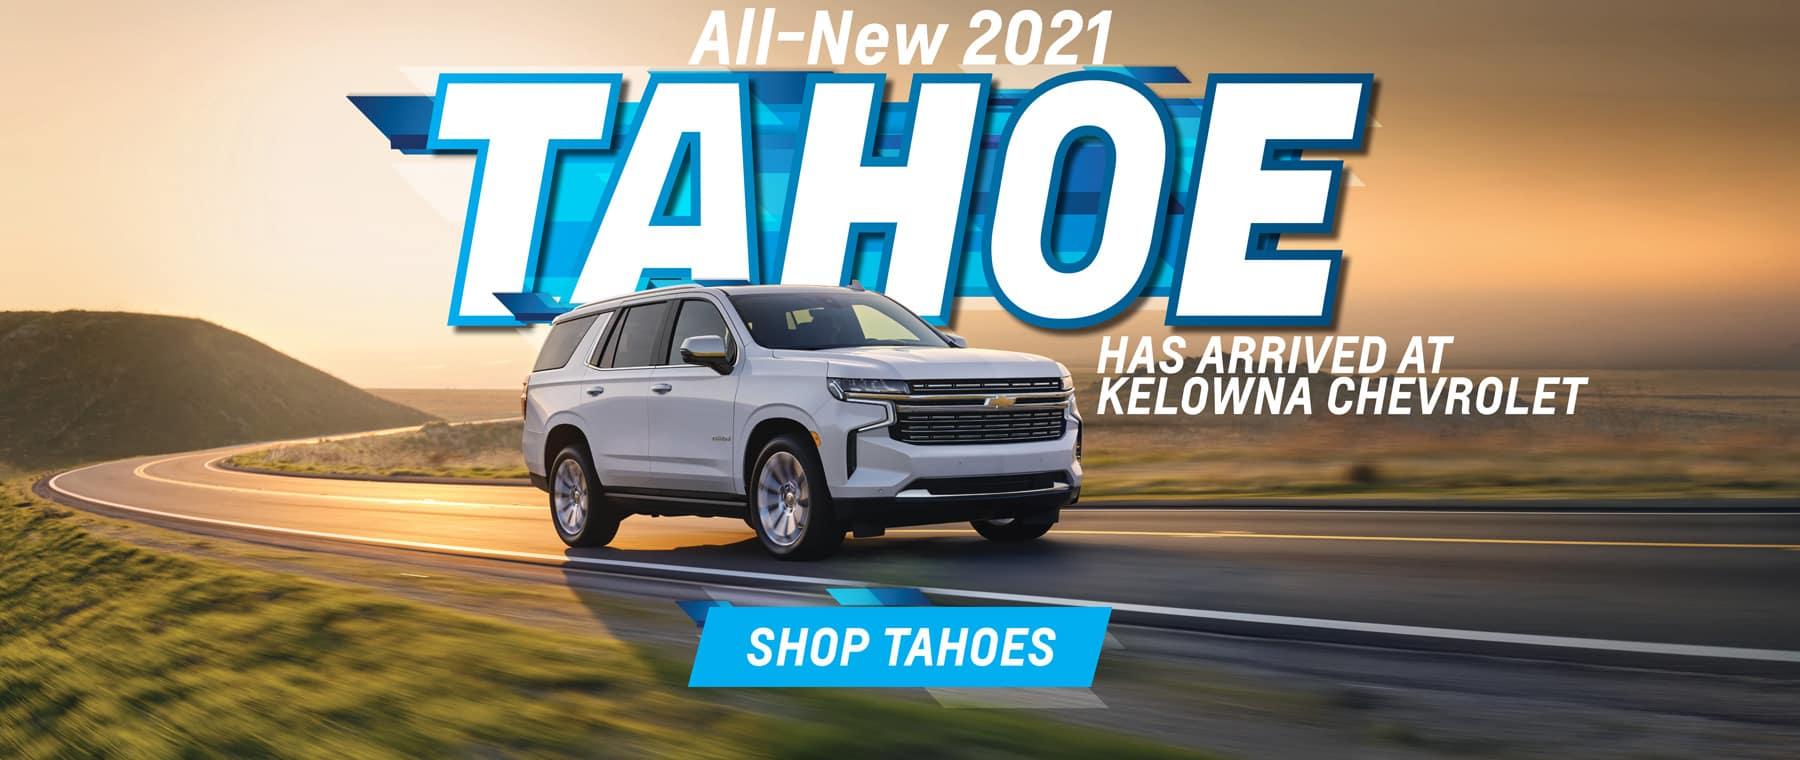 New 2021 Tahoe